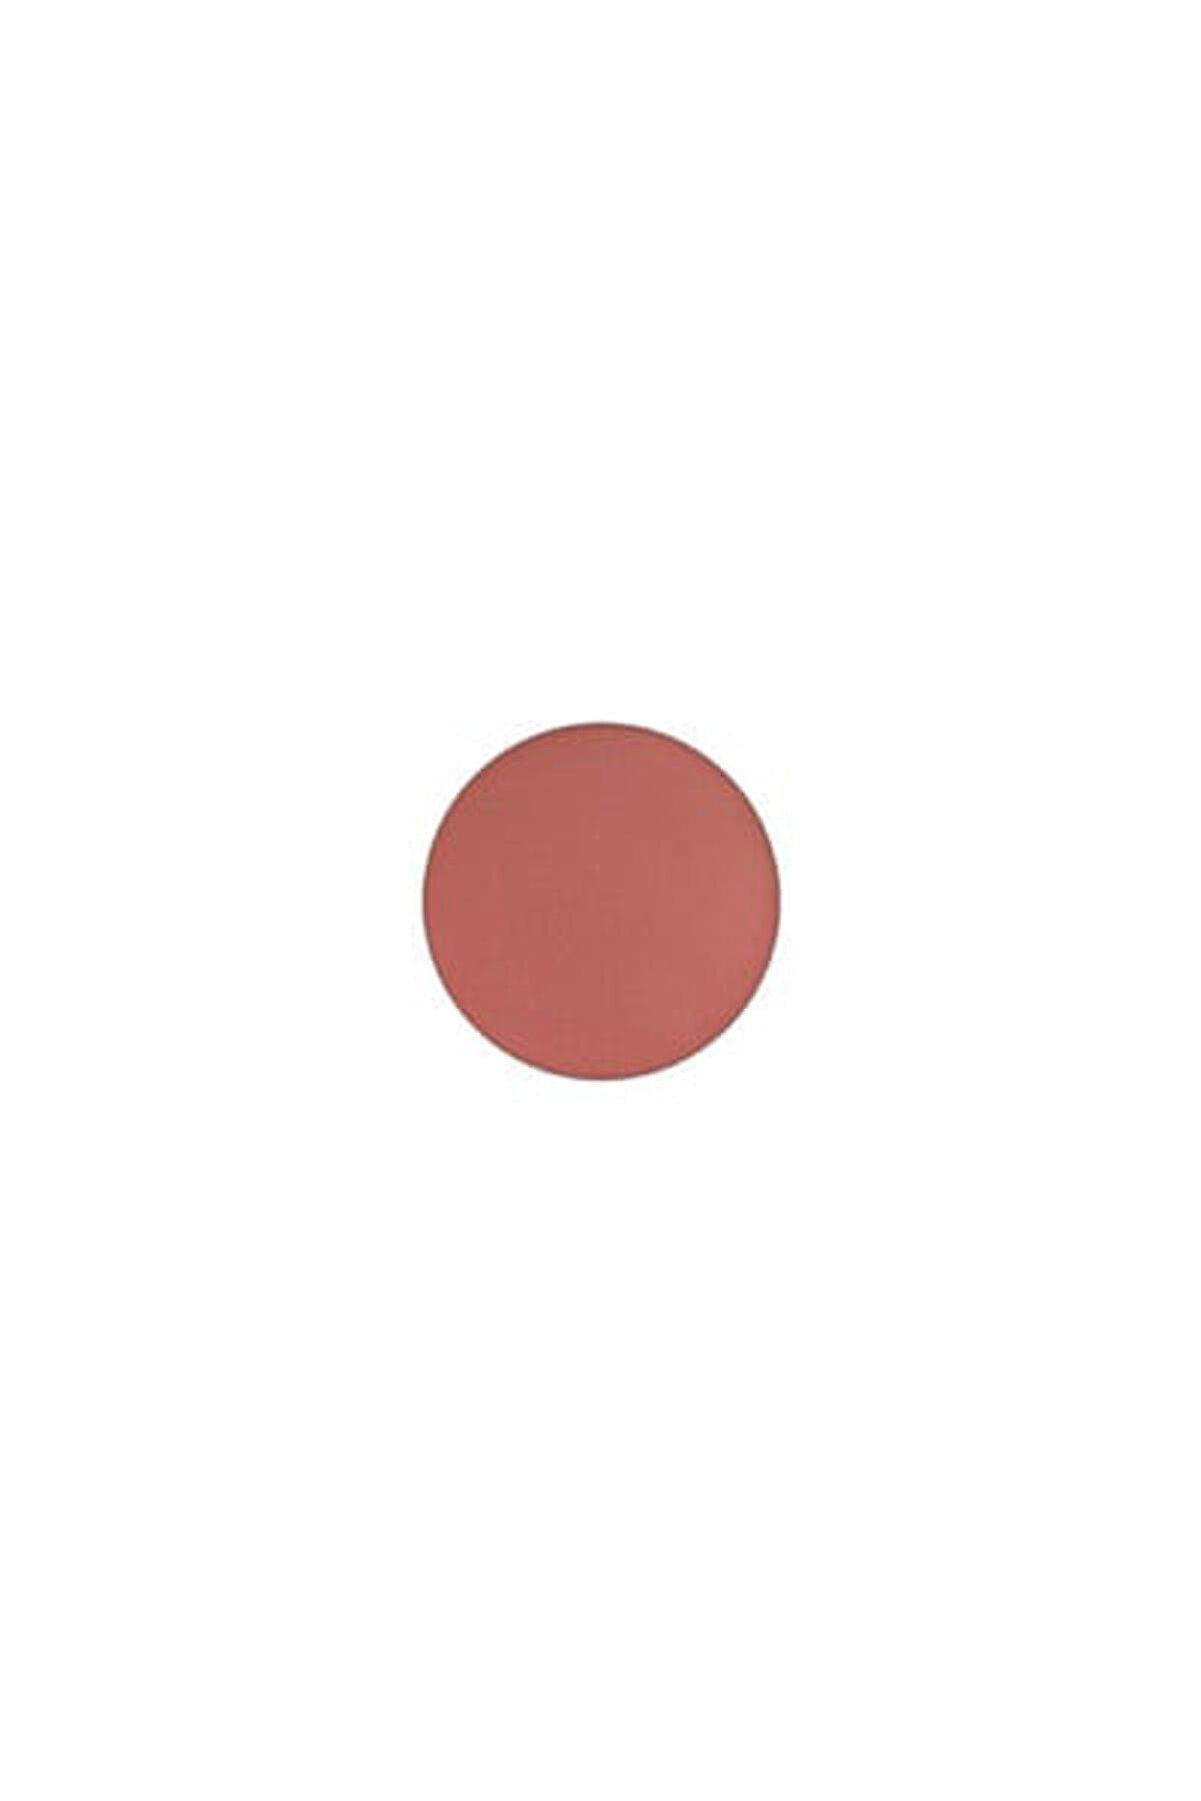 Mac Refill Allık - Powder Blush Pro Palette Refill Pan Raizin 6 g 773602036110